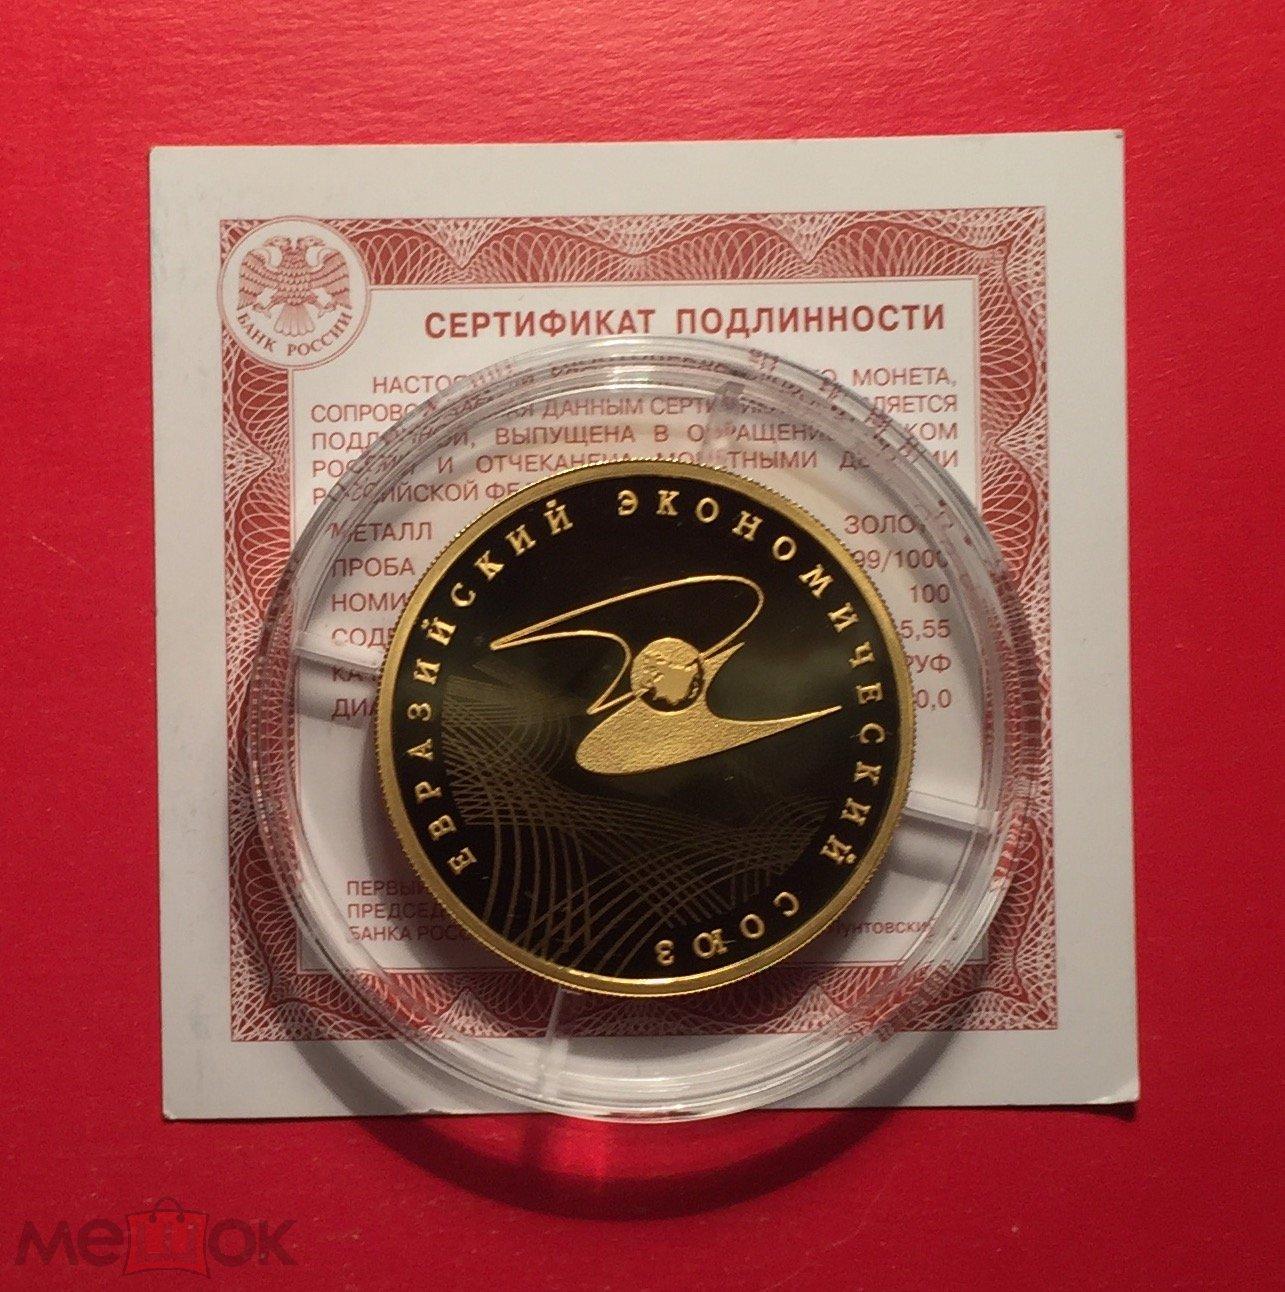 100 рублей евразийский экономический союз перуин